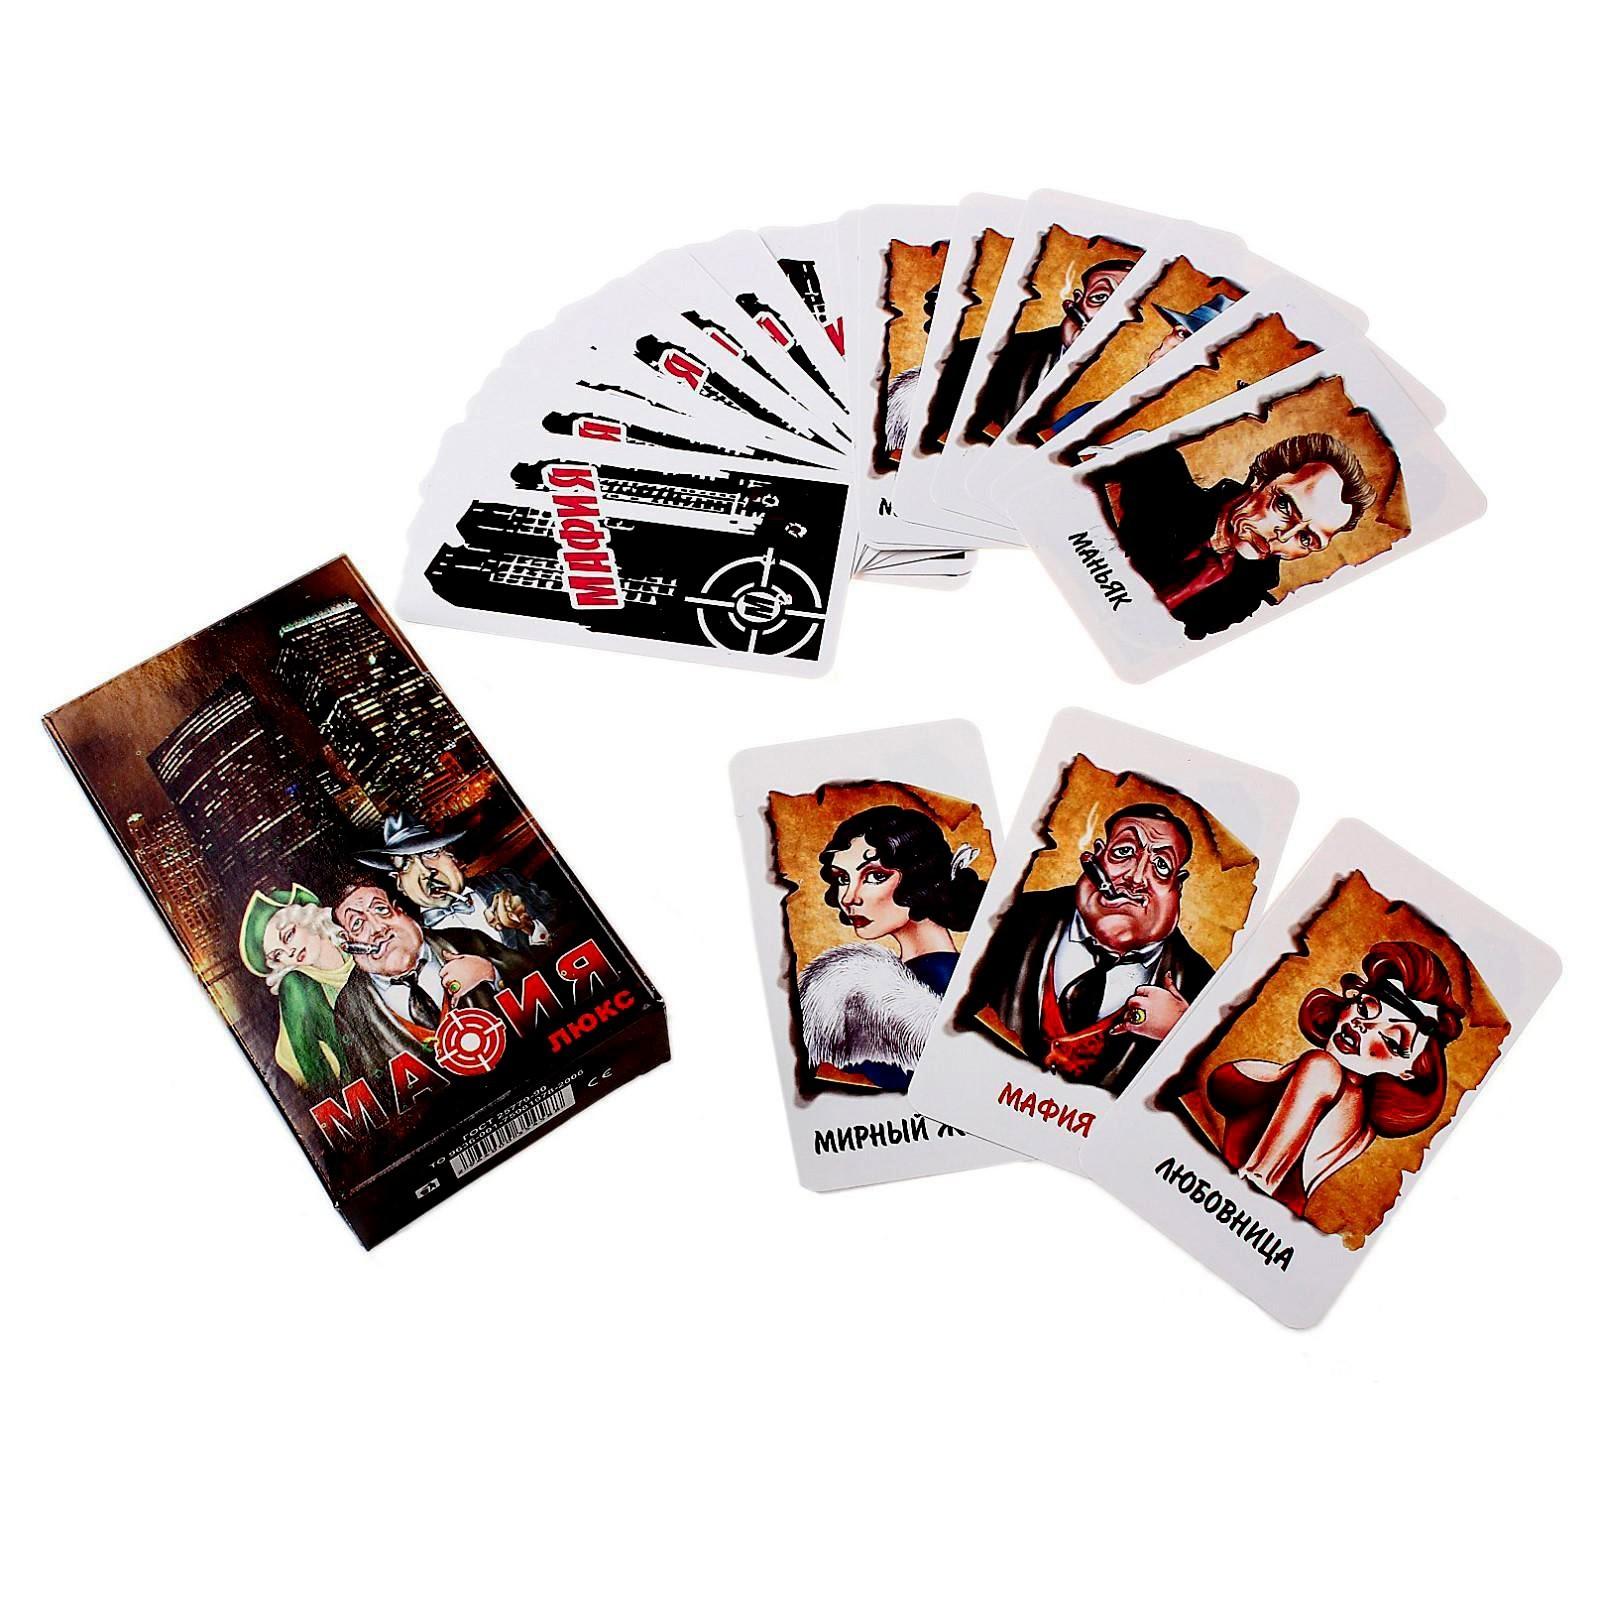 Играть в мафию карты проигрывает все в онлайн казино